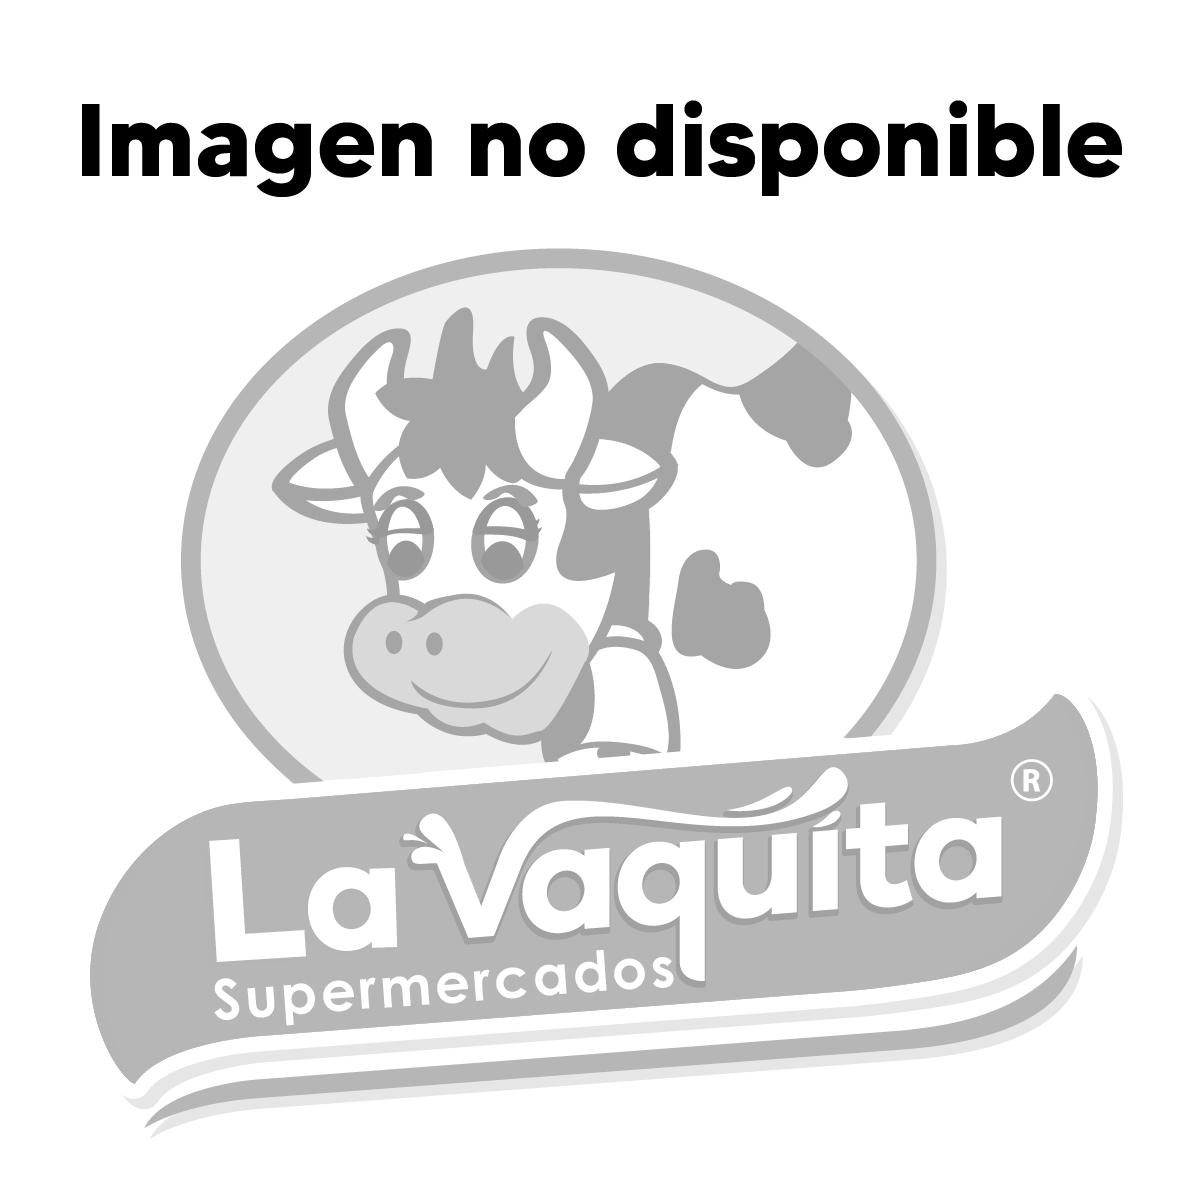 NACHOTES AZTECA 336G 8U PAG 6U